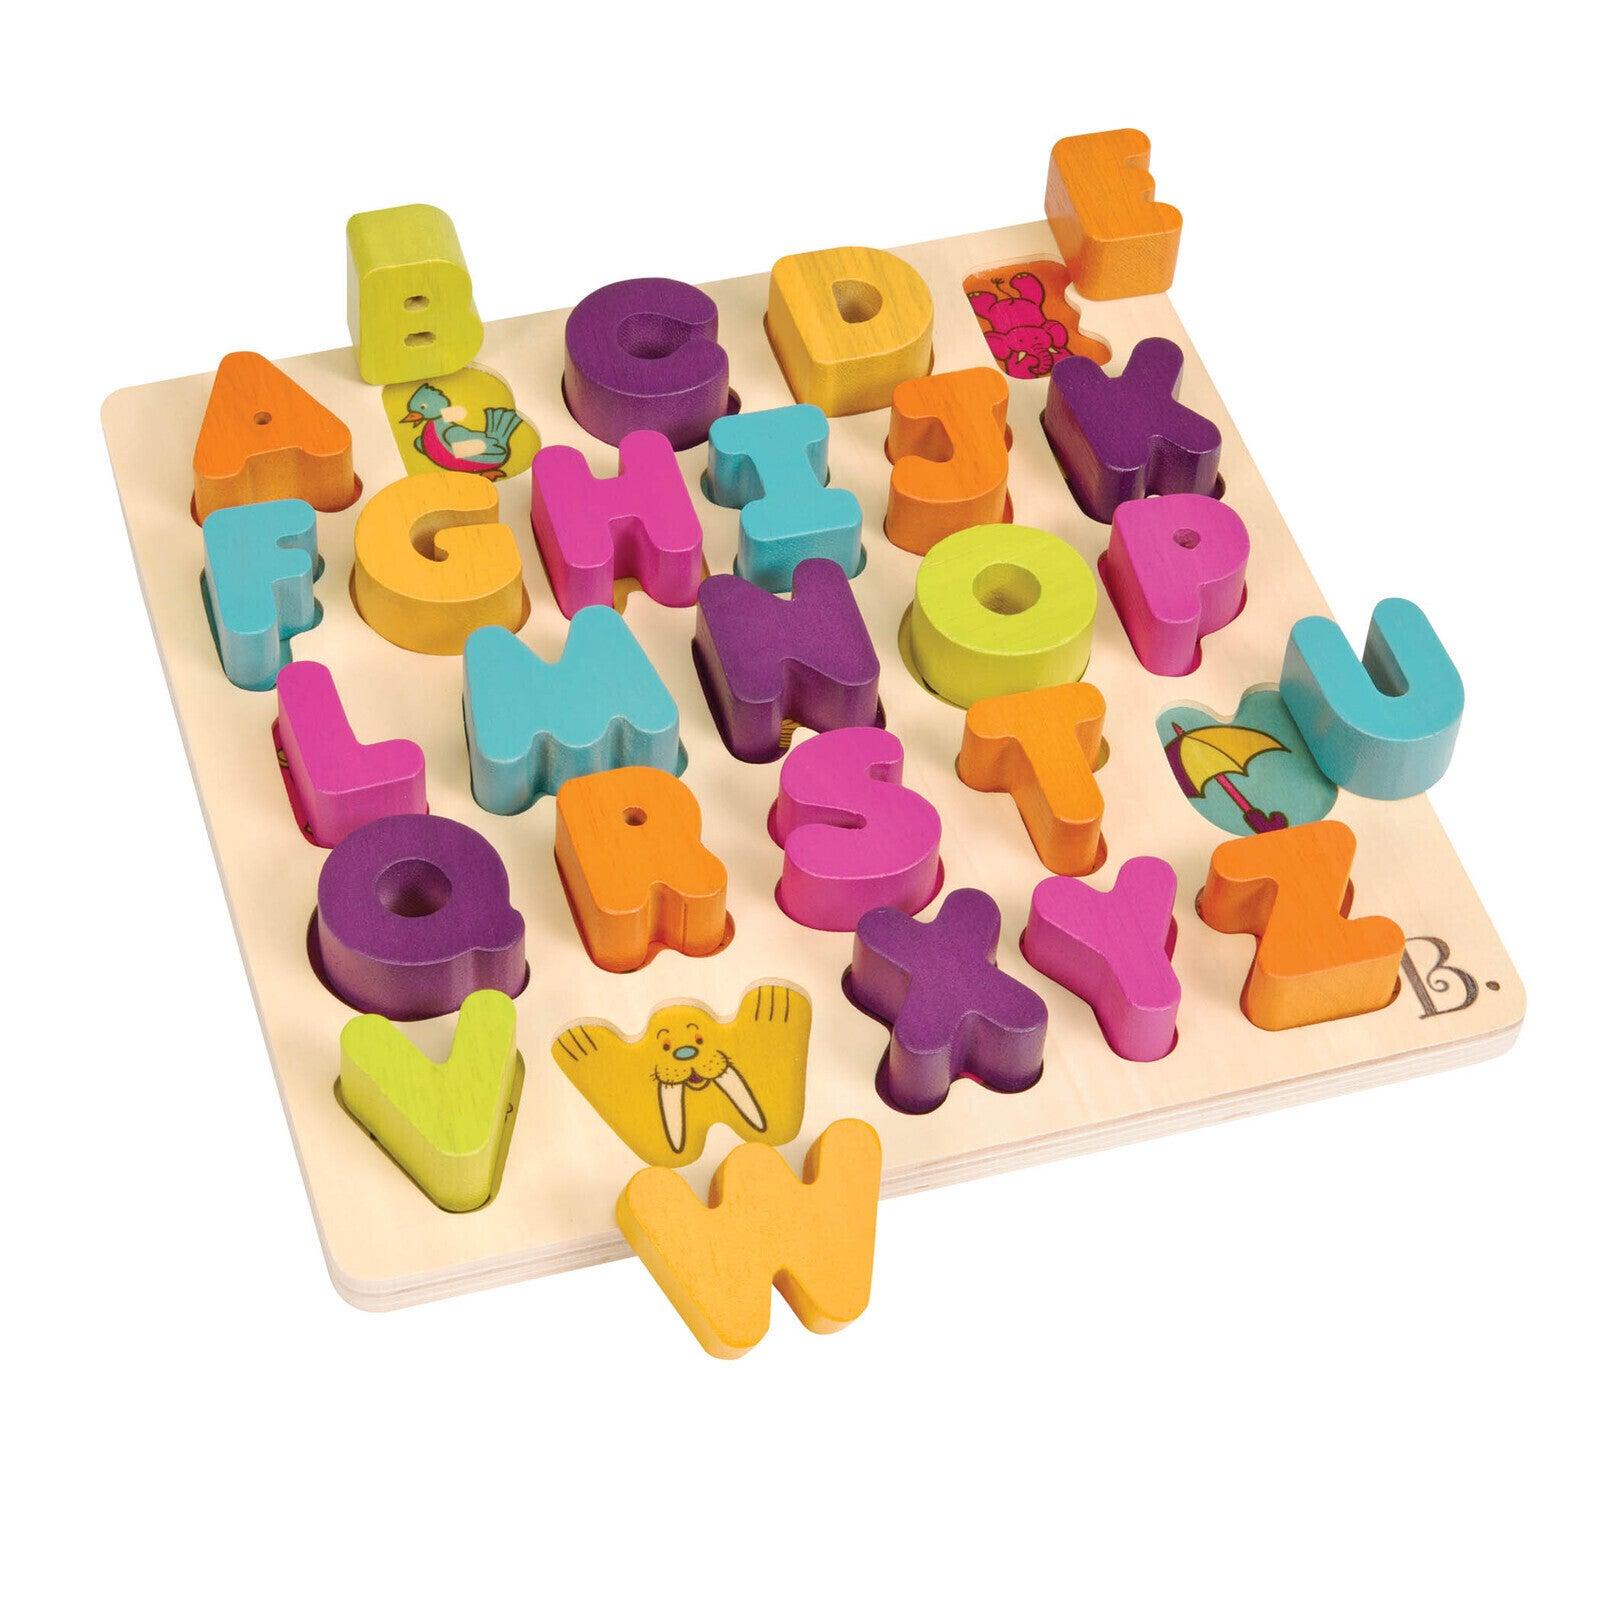 B. Toys - Alpha B Tical Wooden Alphabet Puzzle